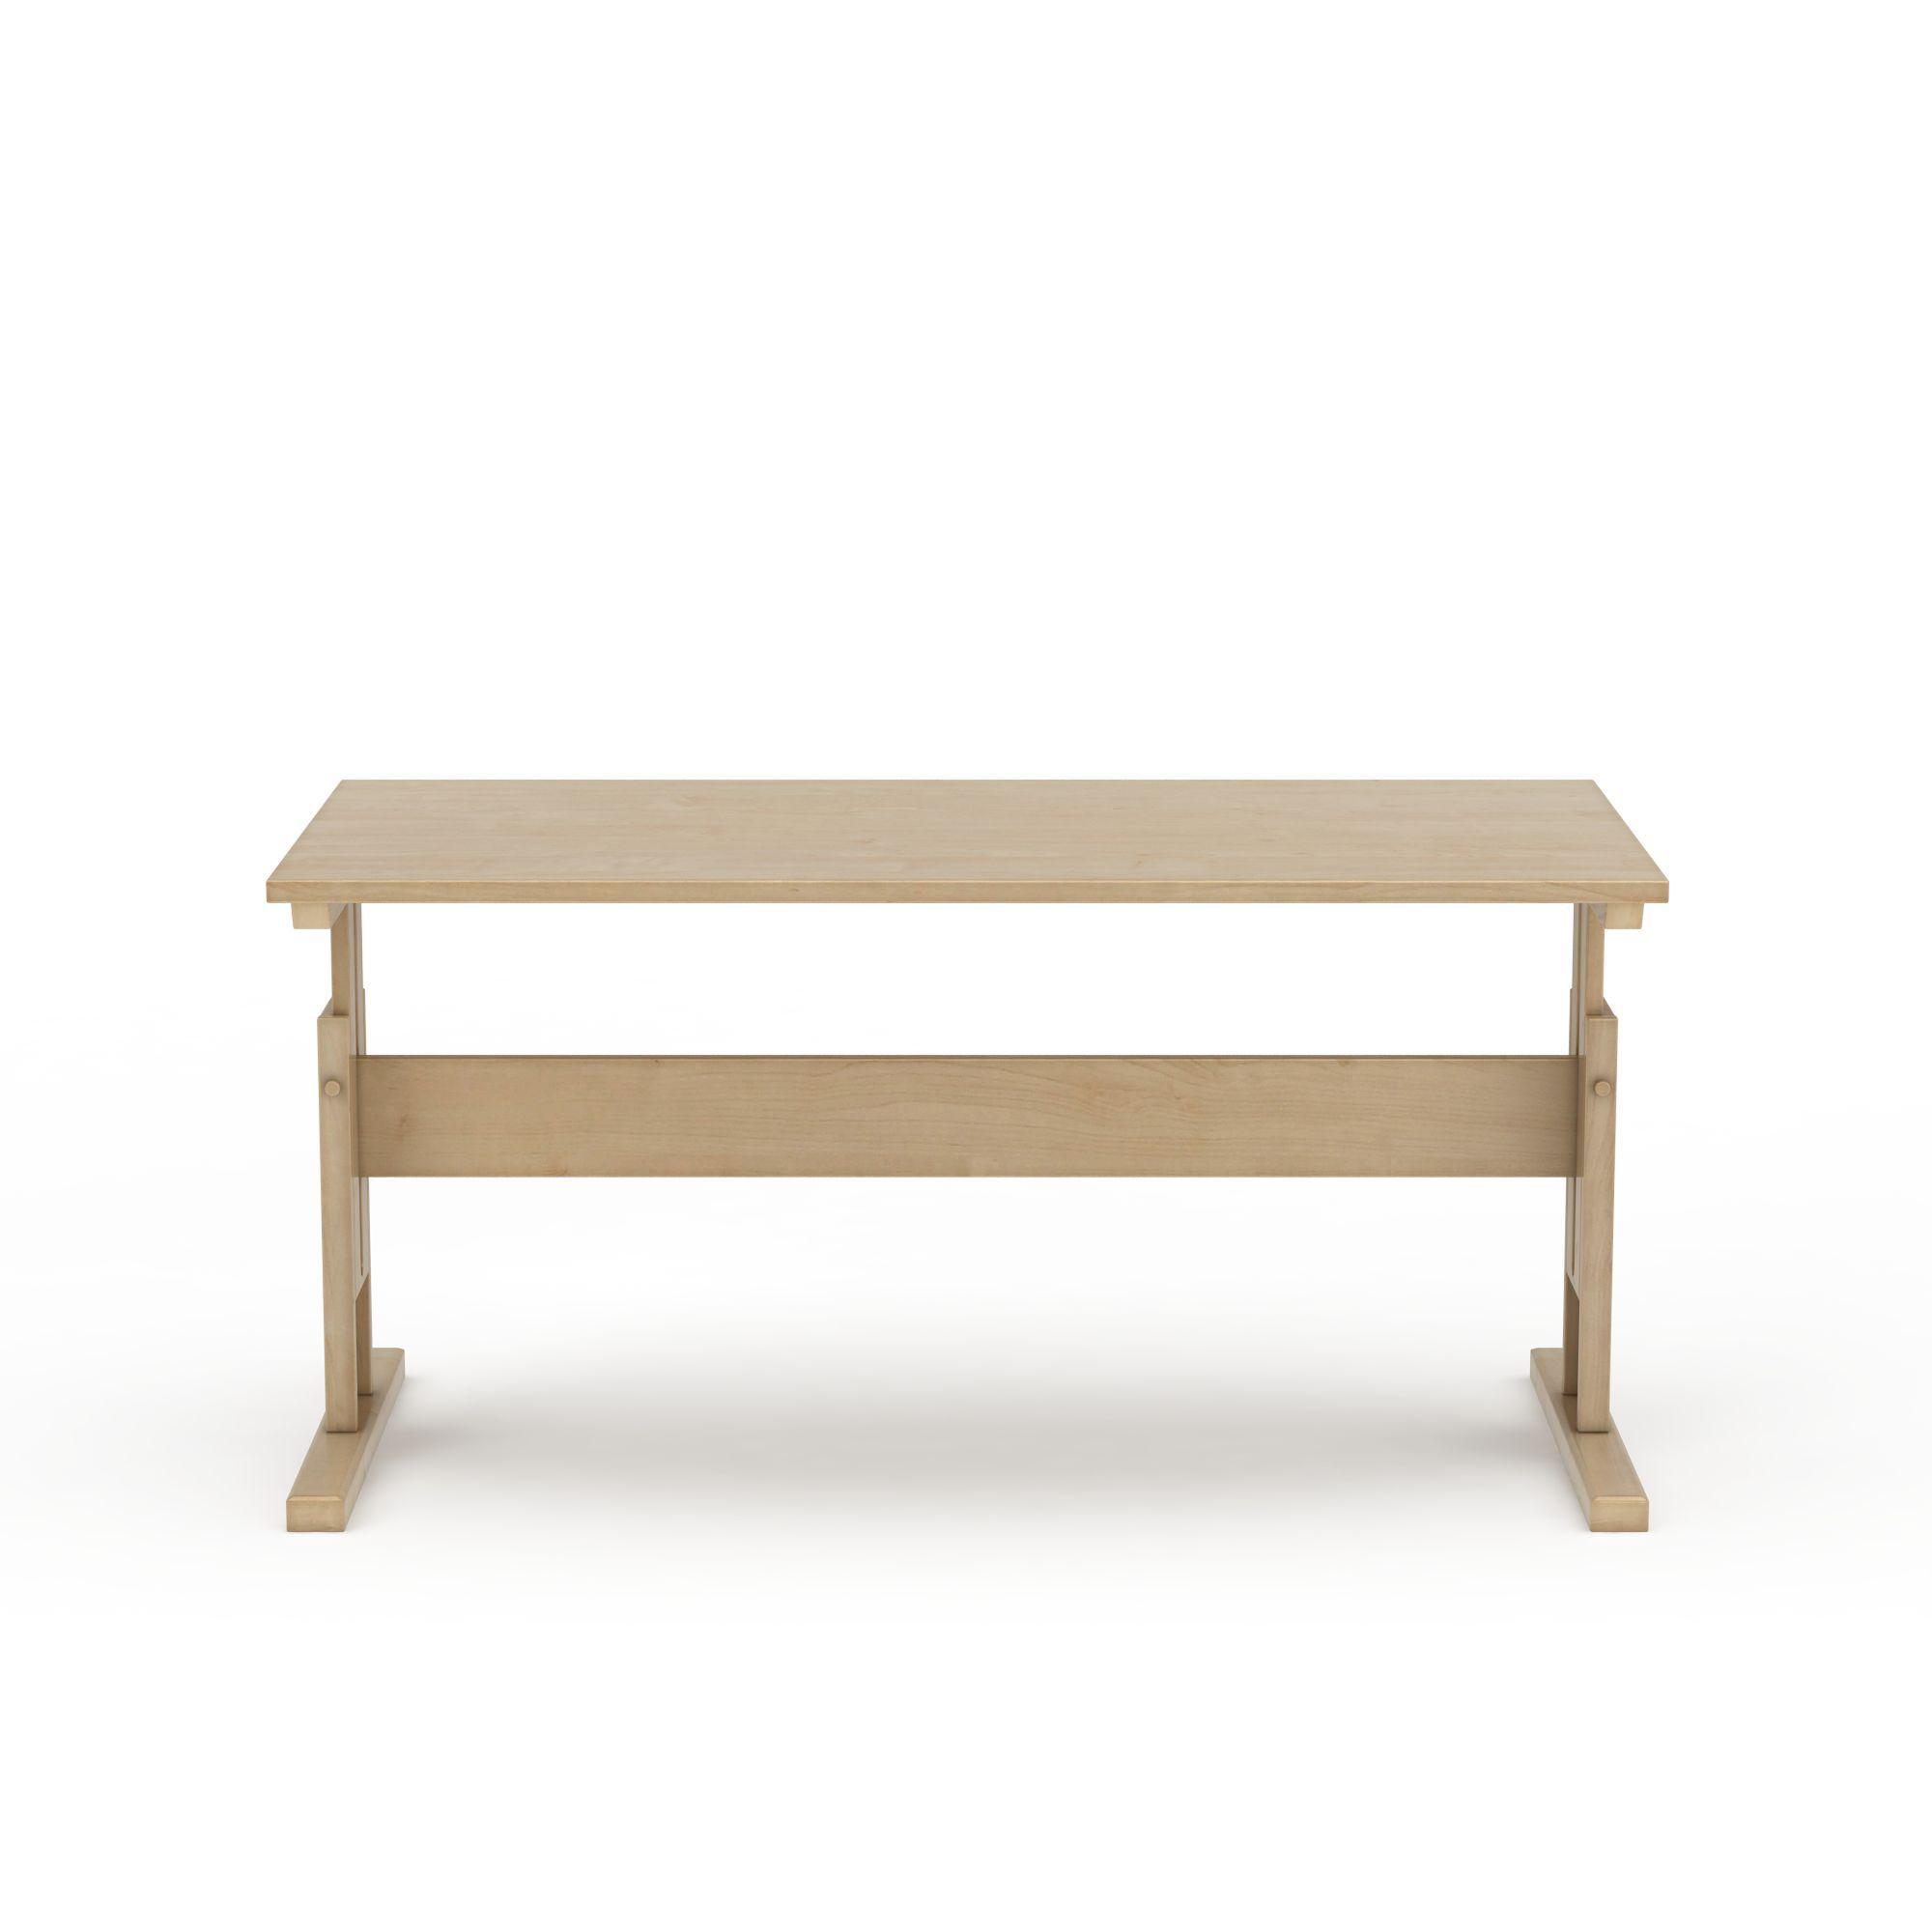 原木桌子图片_原木桌子png图片素材_原木桌子png高清